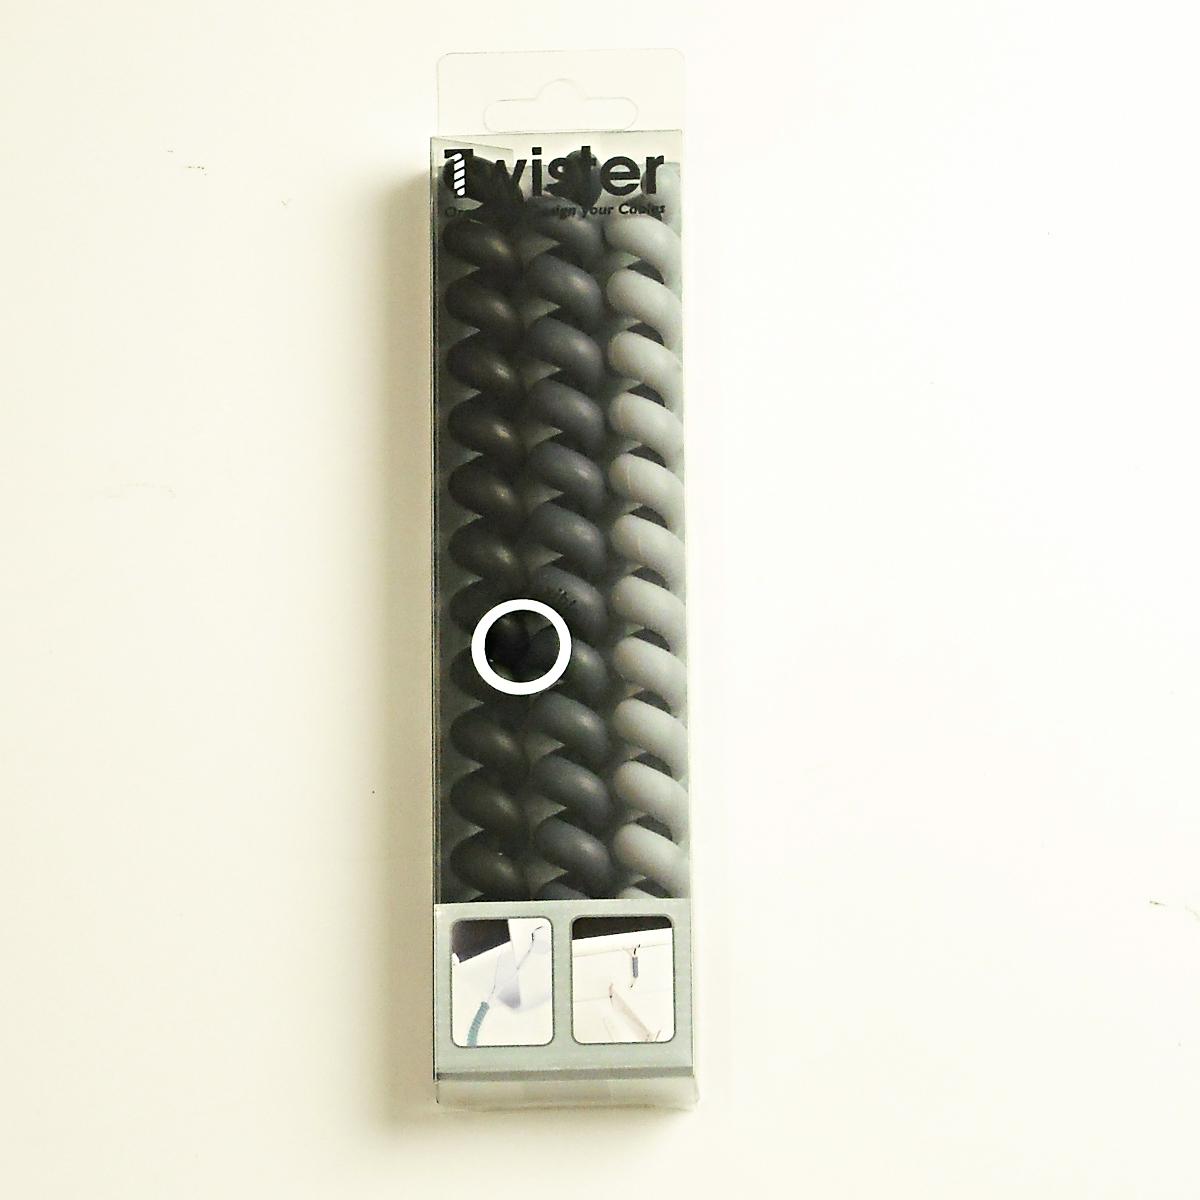 Cable Twister ツイスター MONOセット ケーブル 収納 まとめる 断線防止 おしゃれ かわいい コードリール コード調整 パソコン マウス オランダ製 あす楽